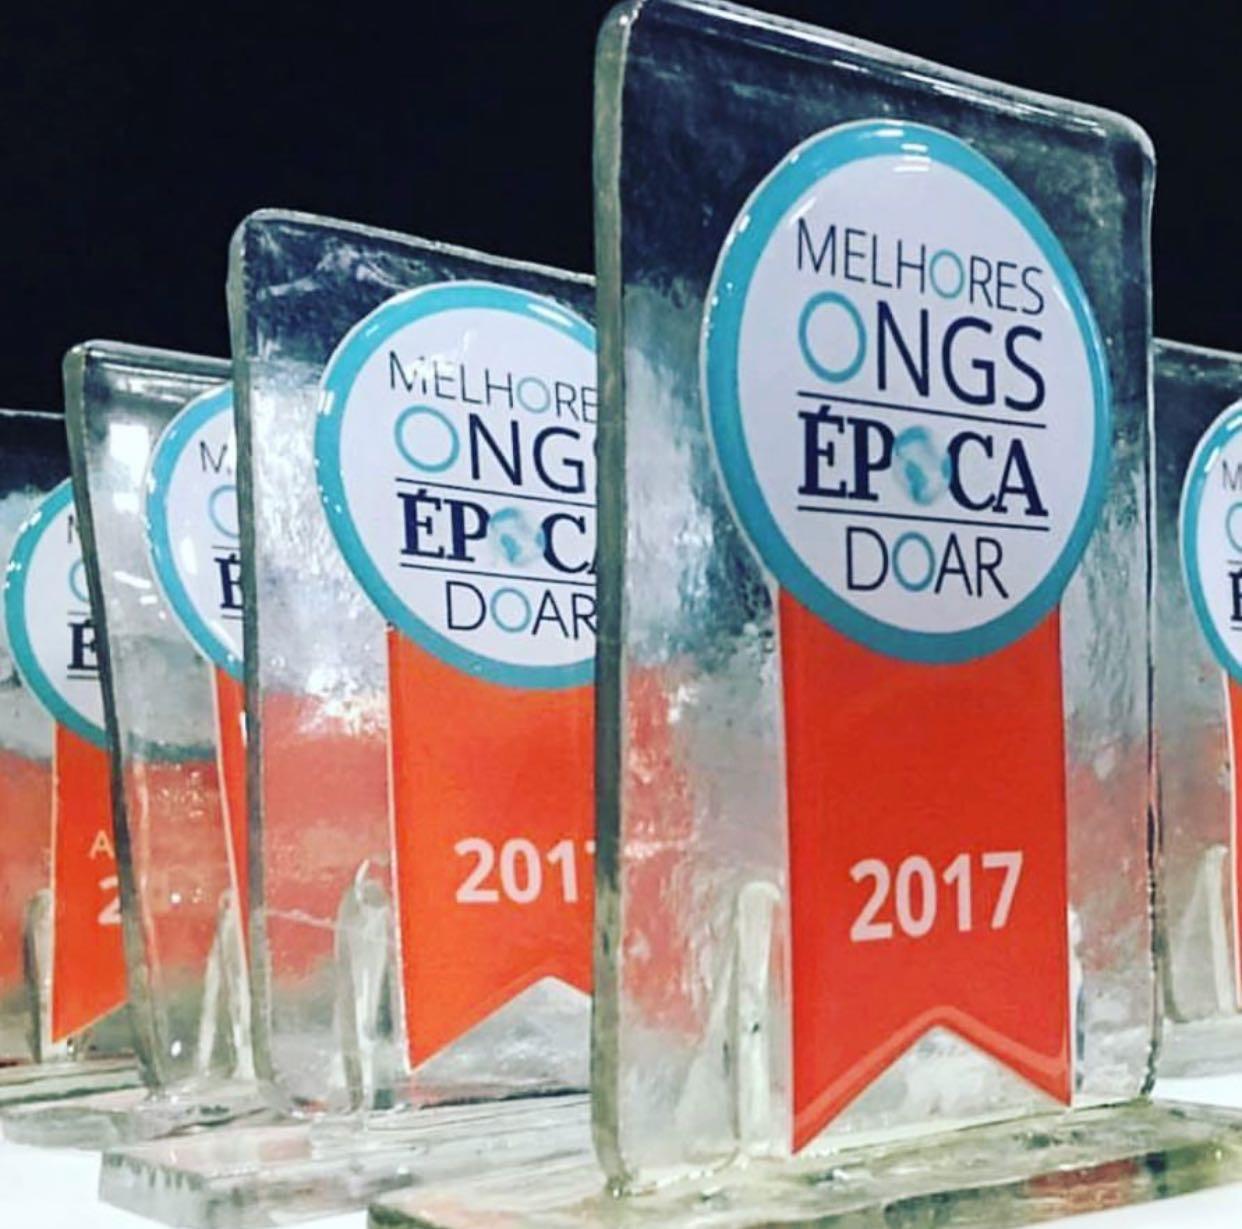 Prêmio #melhoresOngs BrazilFoundation Best NGOs in Brazil ONGs Brasil